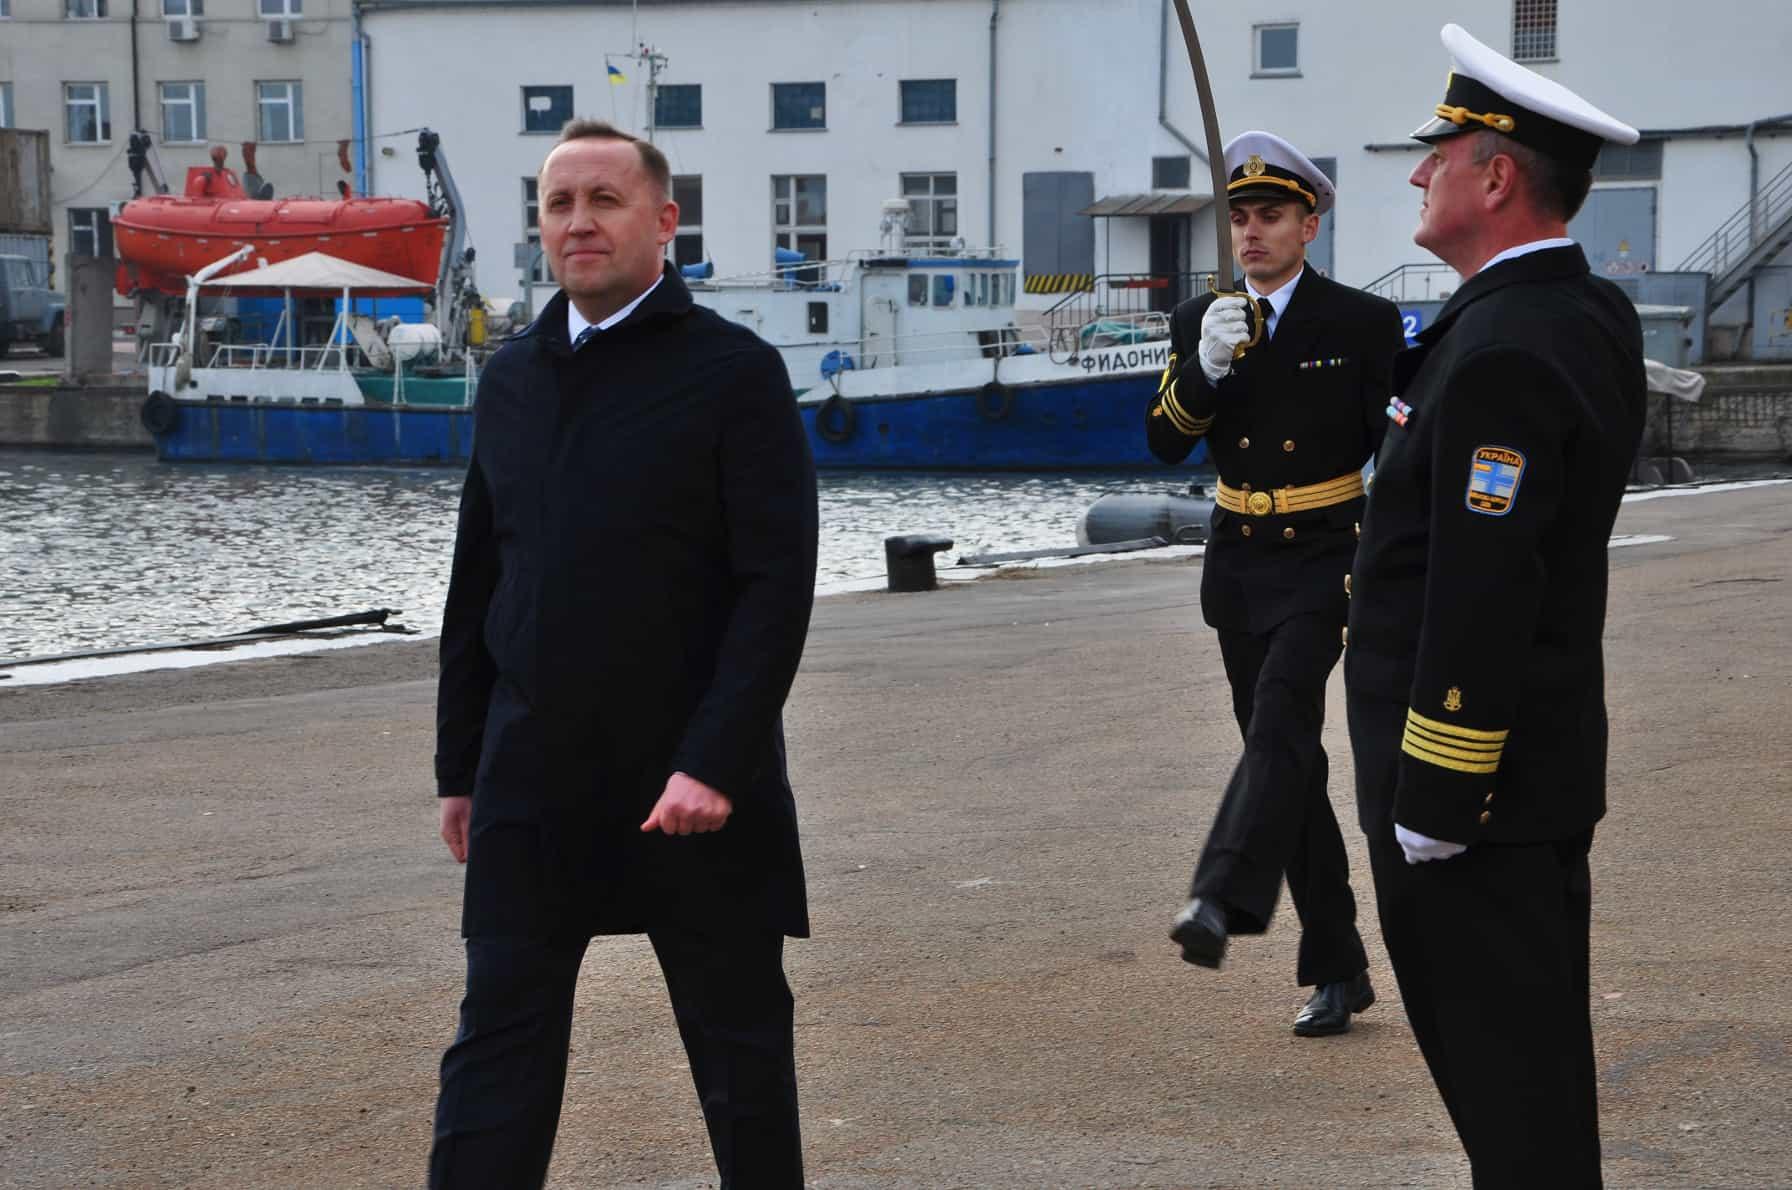 Відкриває урочисту церемонію заступник міністра оборони Анатолій Петренко